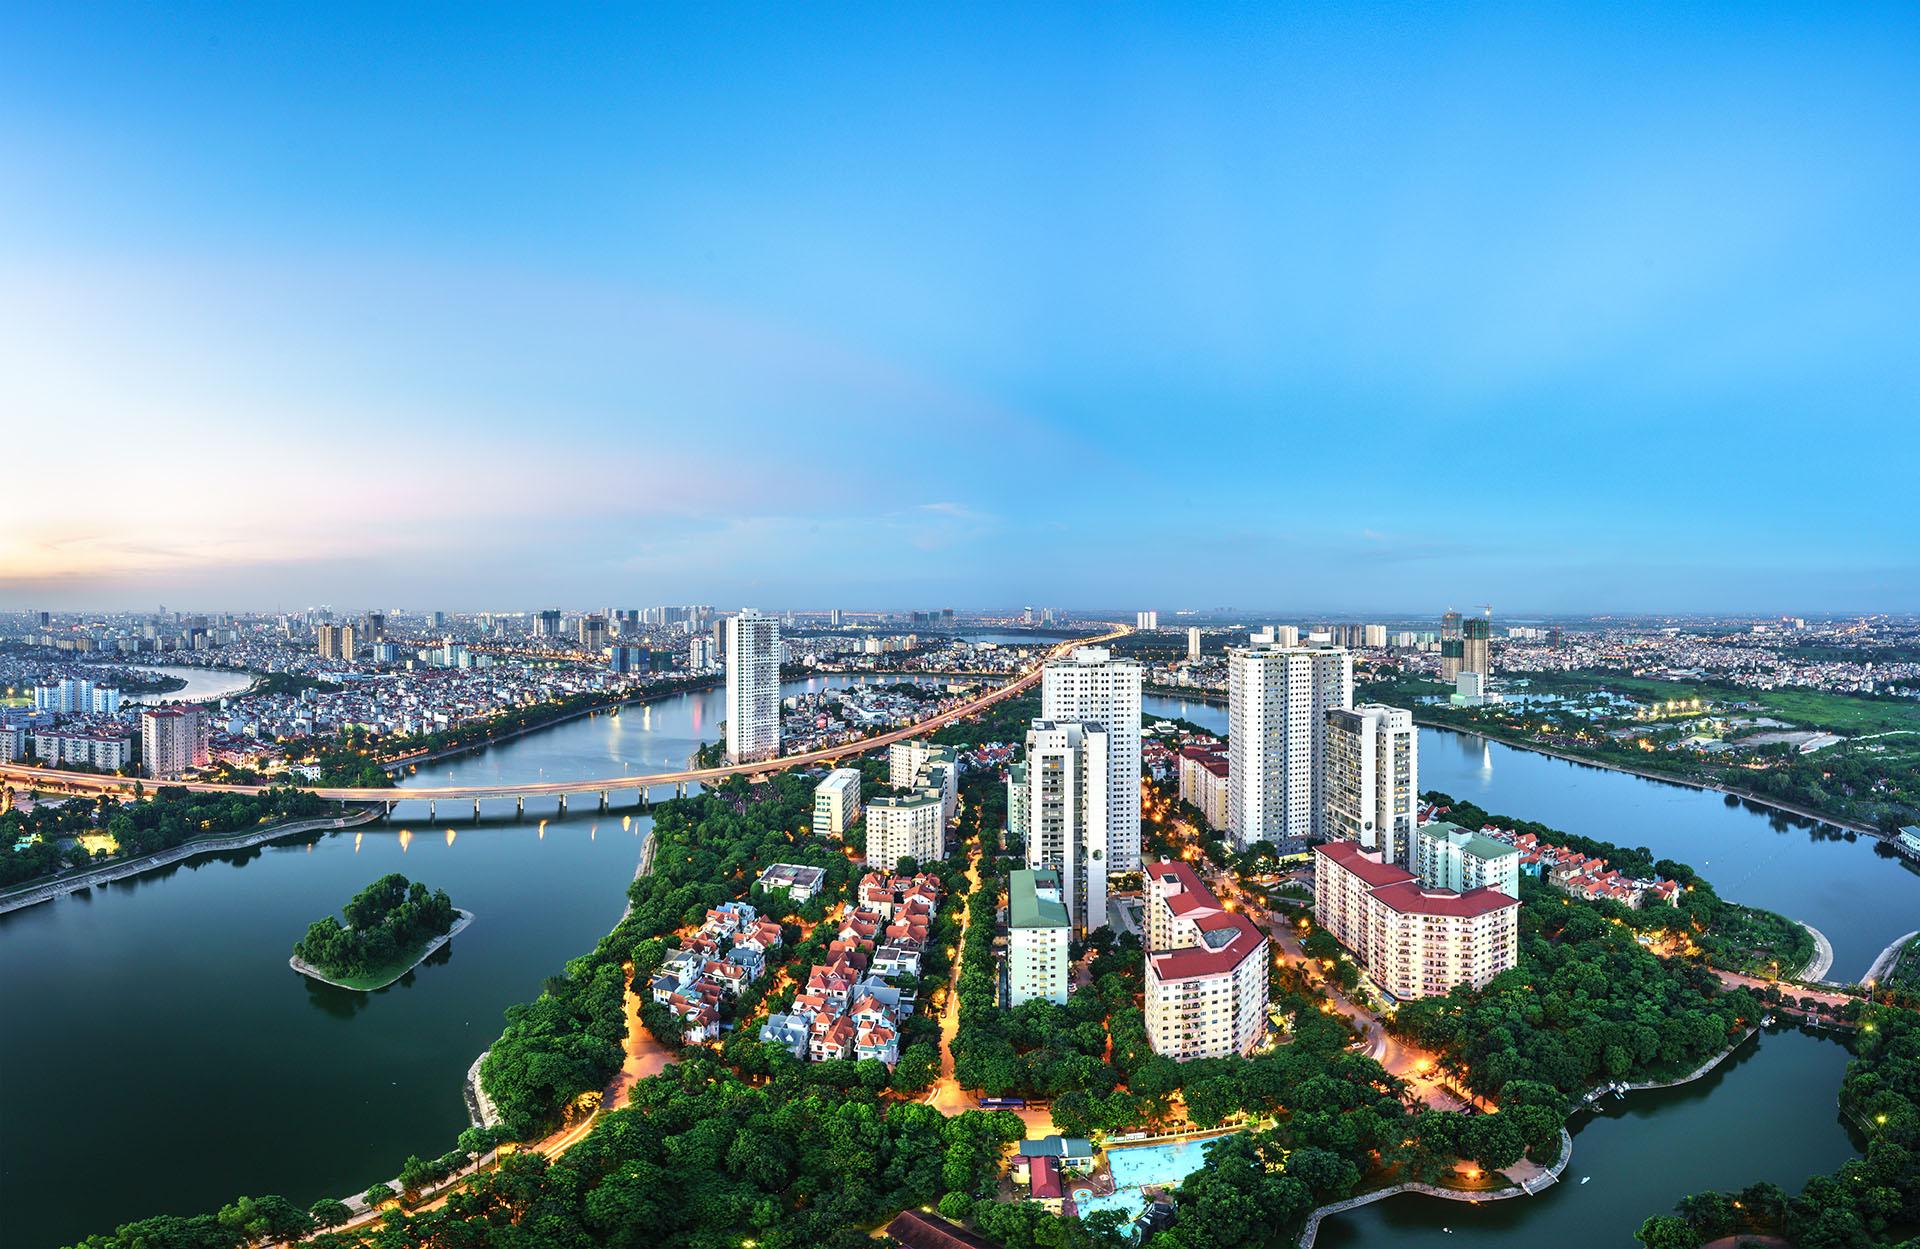 Hanoi se convirtió en una metrópoli y aún preserva su cultura. Algunos de los lugares para visitar si se elige como destino Hanoi puede ser desde antiguos templos budistas como la Pagoda del perfume que se construyó en una cadena montañosa o experimentando los títeres de agua tradicionales en el teatro de marionetas de Thang Long